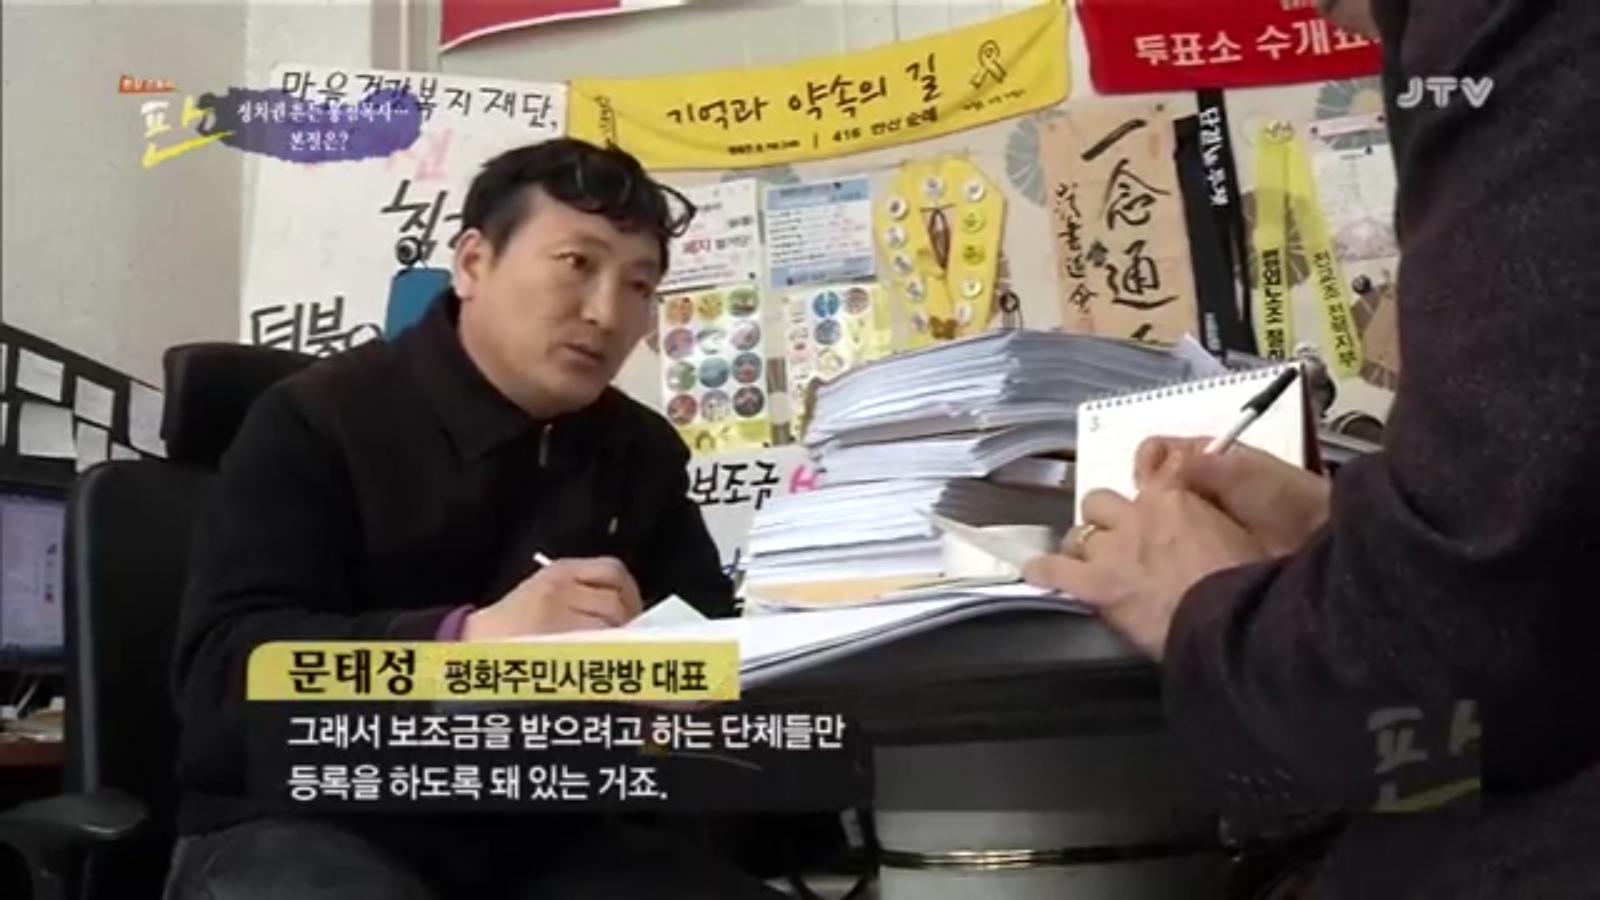 [18.4.13 JTV] 전주 봉침게이트, 정치권 흔든 봉침목사...본질은14.jpg